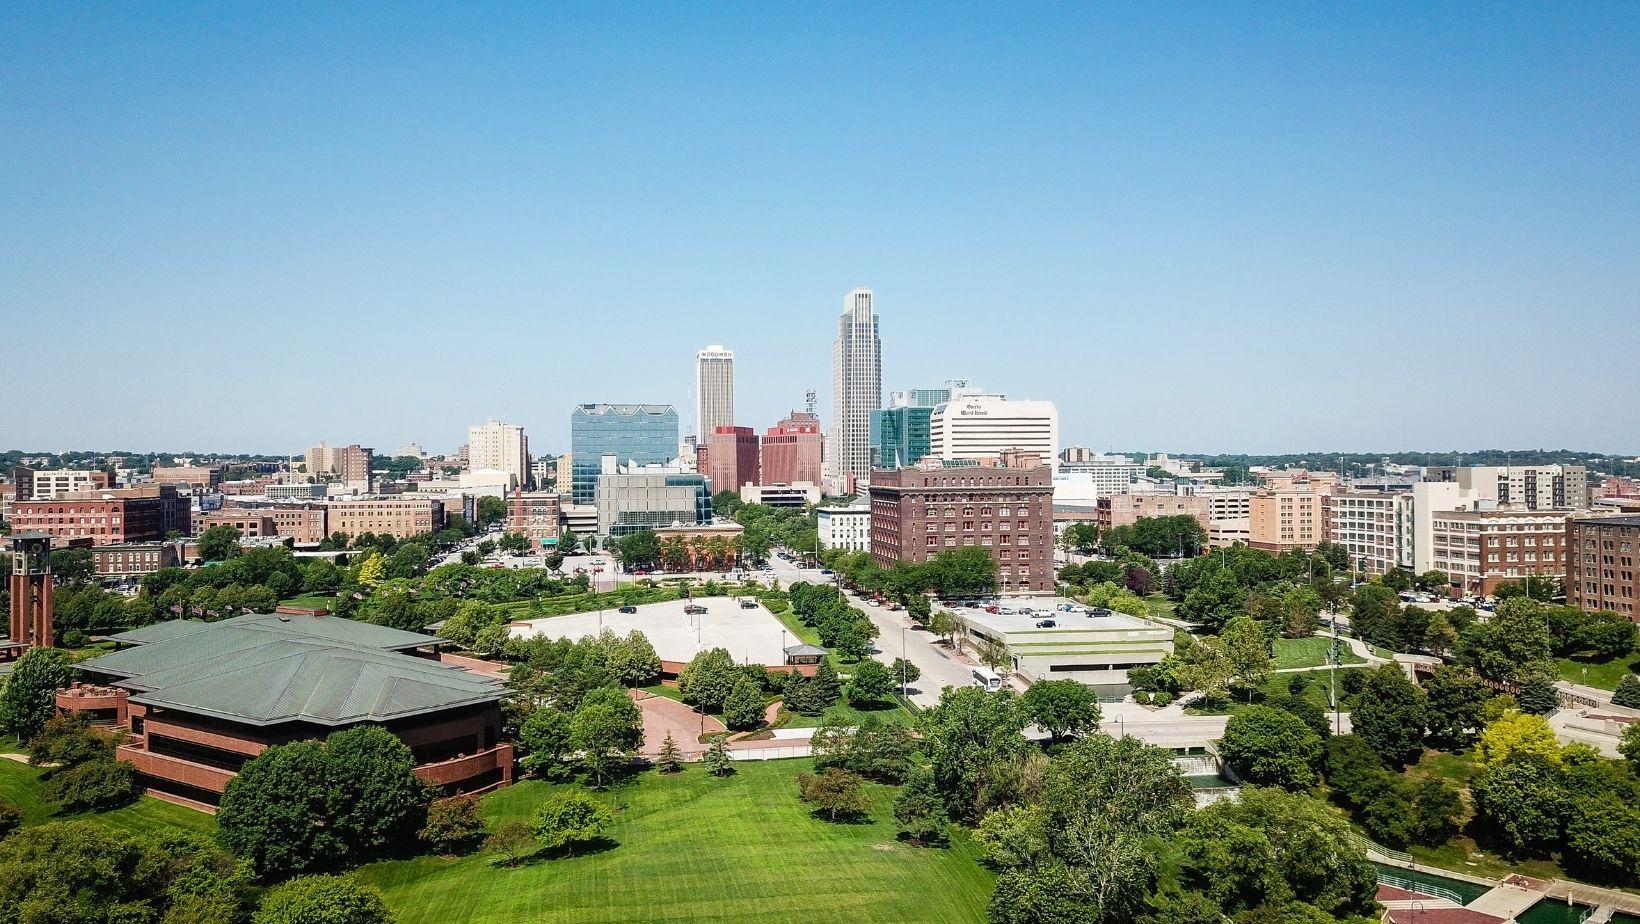 Homes for Sale in Omaha Nebraska